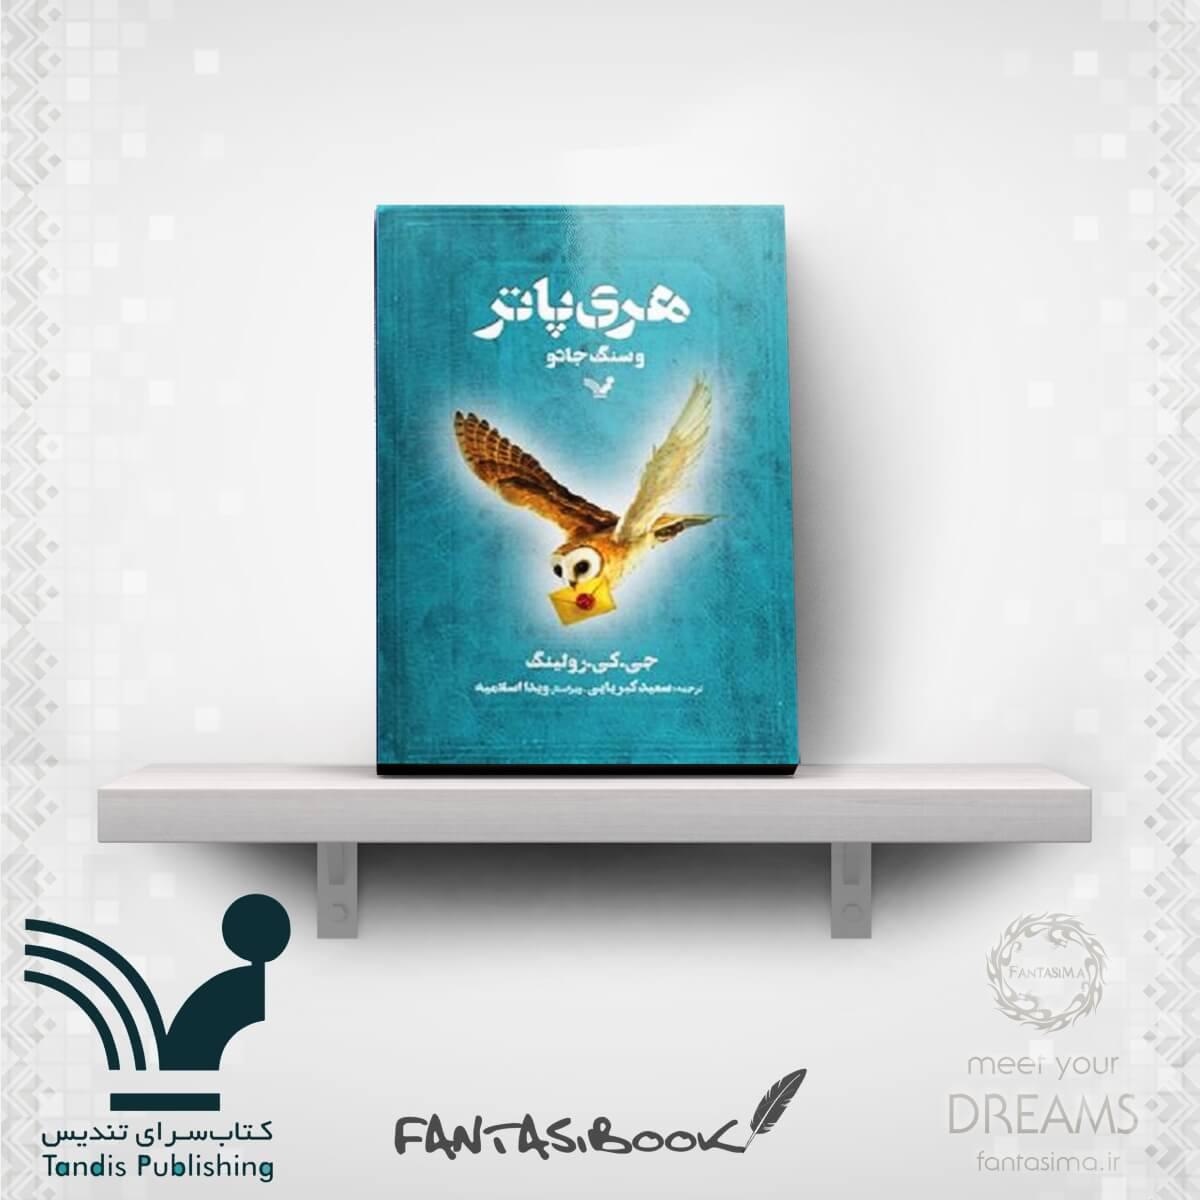 کتاب هری پاتر - جلد 01 - هری پاتر و سنگ جادو